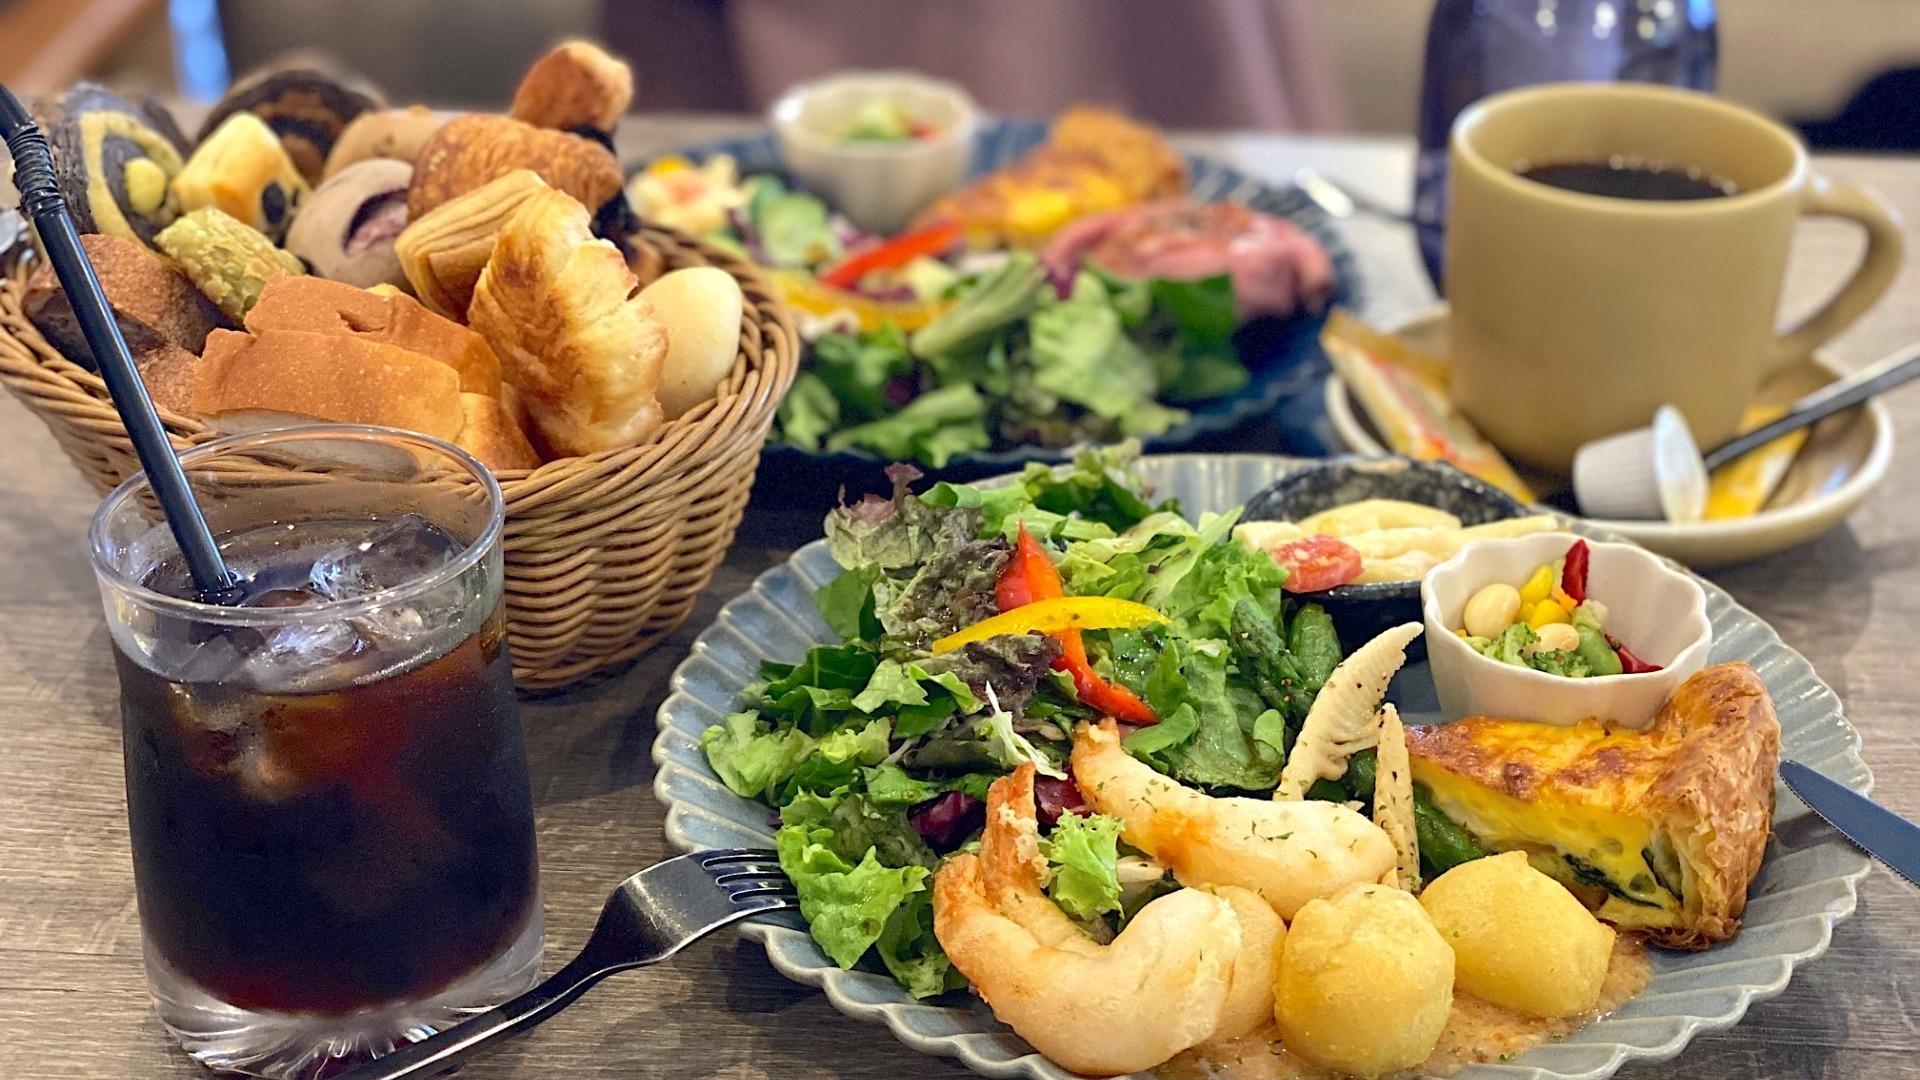 【名古屋市天白区】パン食べ放題付き。デリサラダプレートが大人気!「Large Cafe」 - 土庄雄平 | Yahoo! JAPAN クリエイターズプログラム